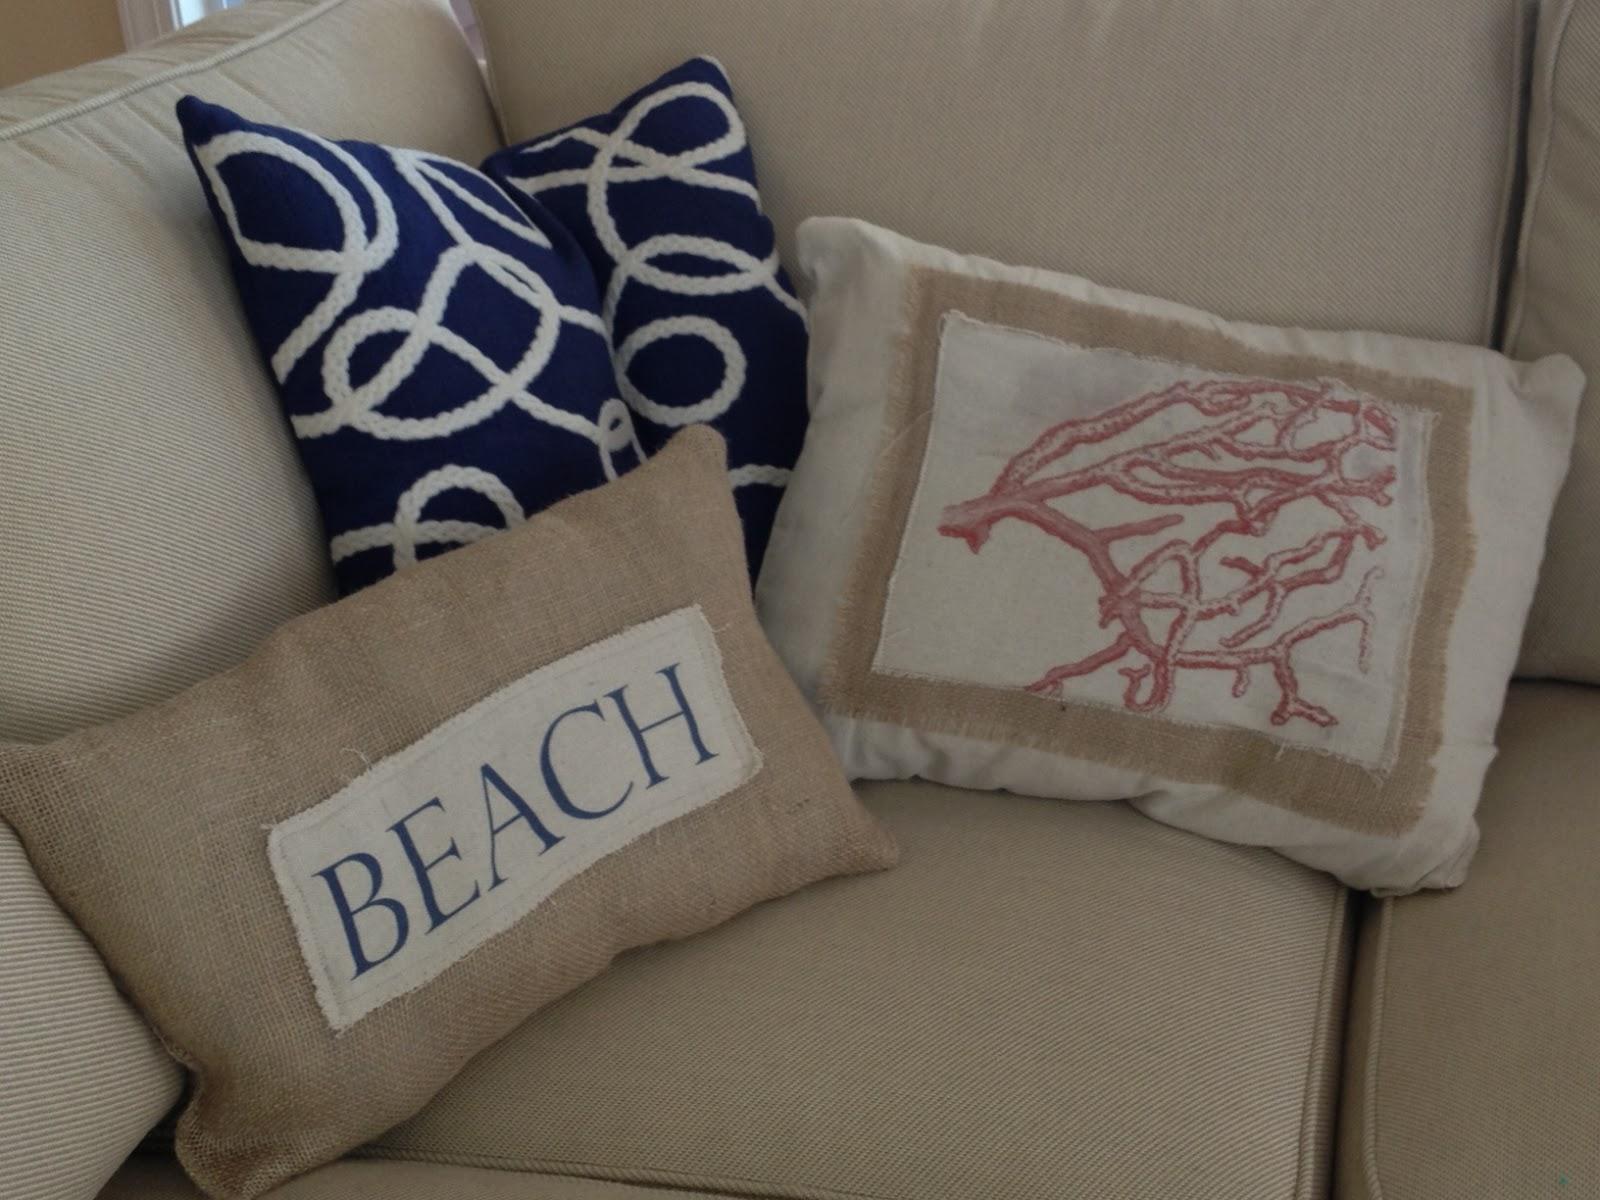 Cheap Pillow Stuffing Ideas: DIY  ALL NEW CHEAP PILLOW STUFFING IDEAS,